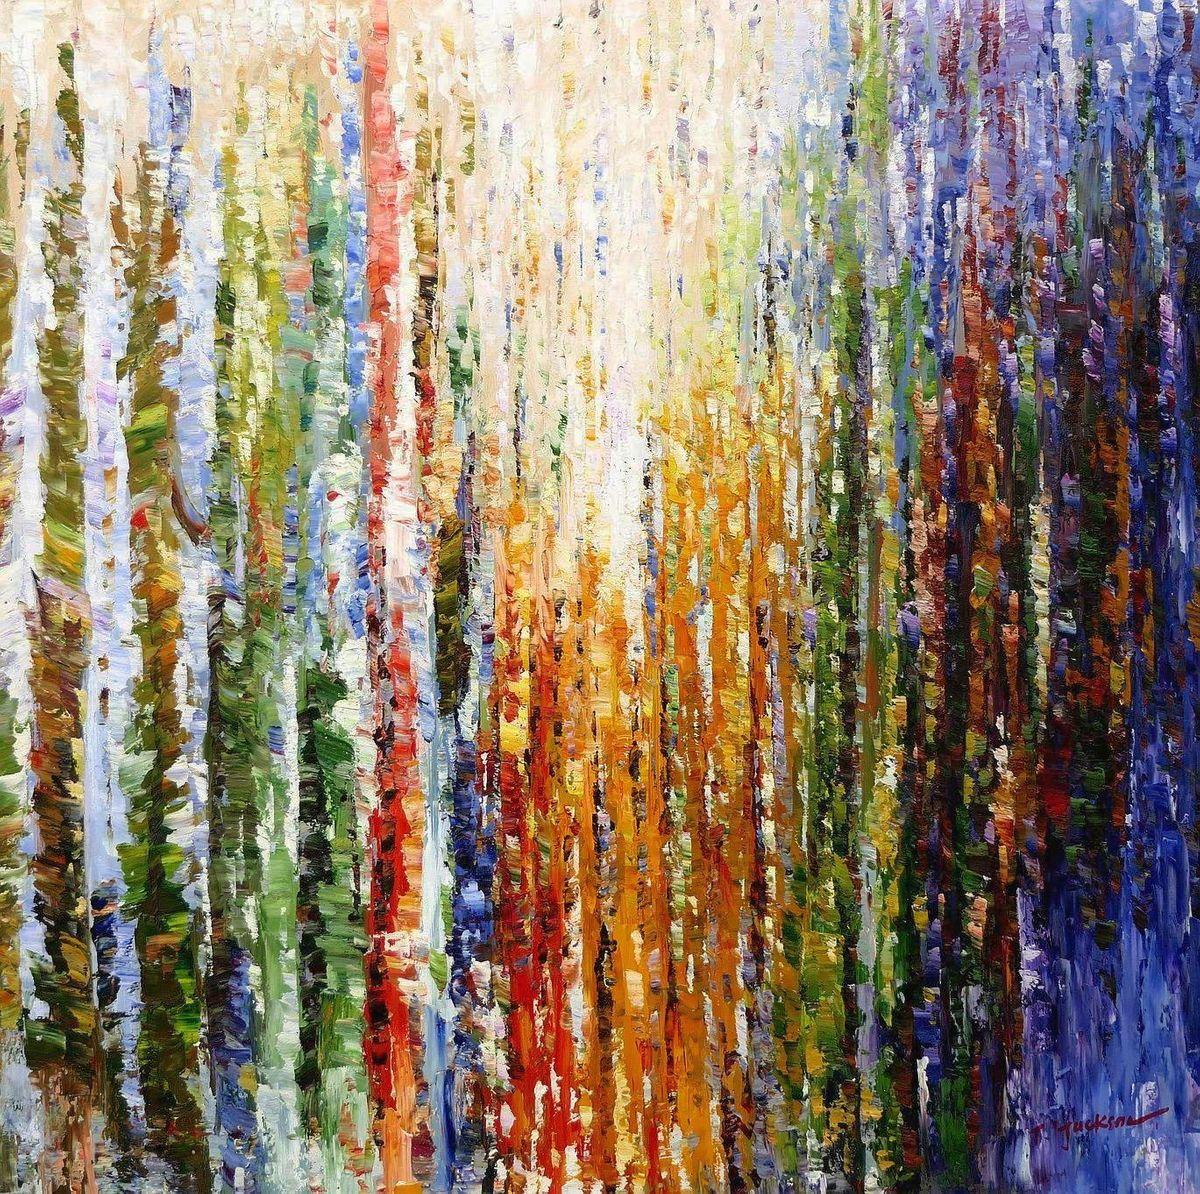 Abstrakt - Durch den Monsun m97178 120x120cm exquisites Ölbild handgemalt